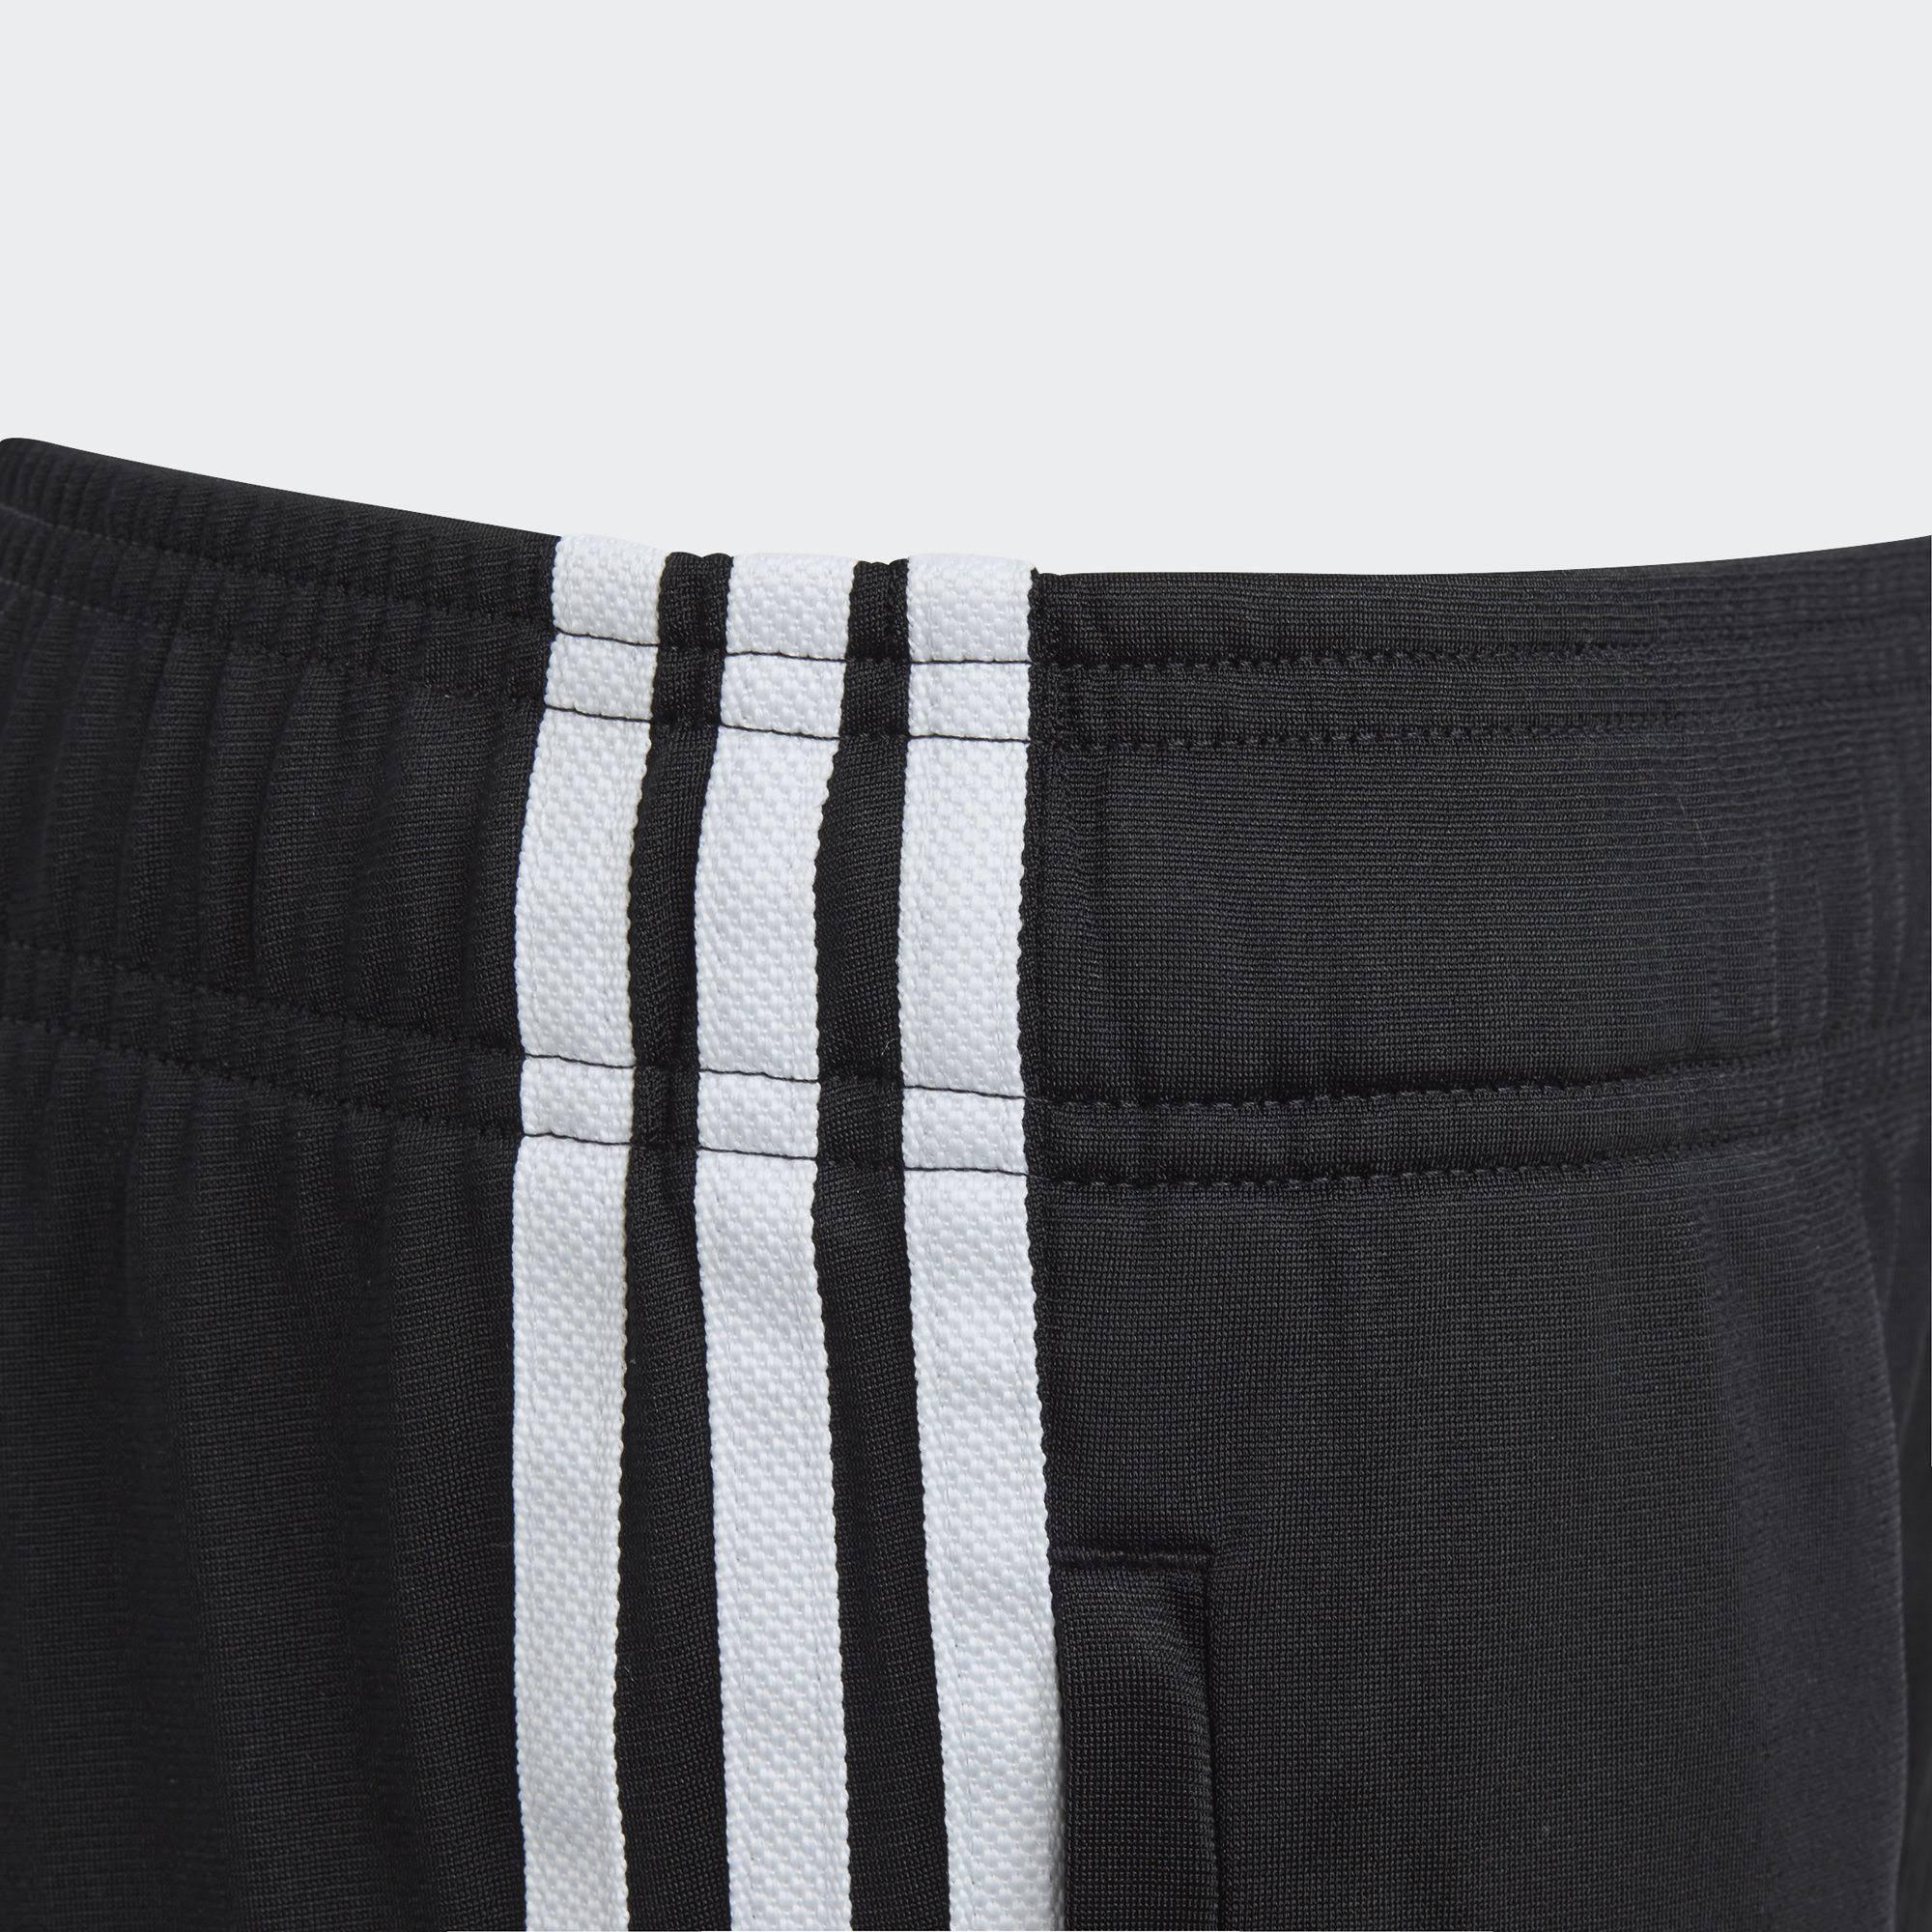 passeggio AdidasNeroTaglia Pantaloni bambino di PiccoloBianco da da Originali jS34LqARc5